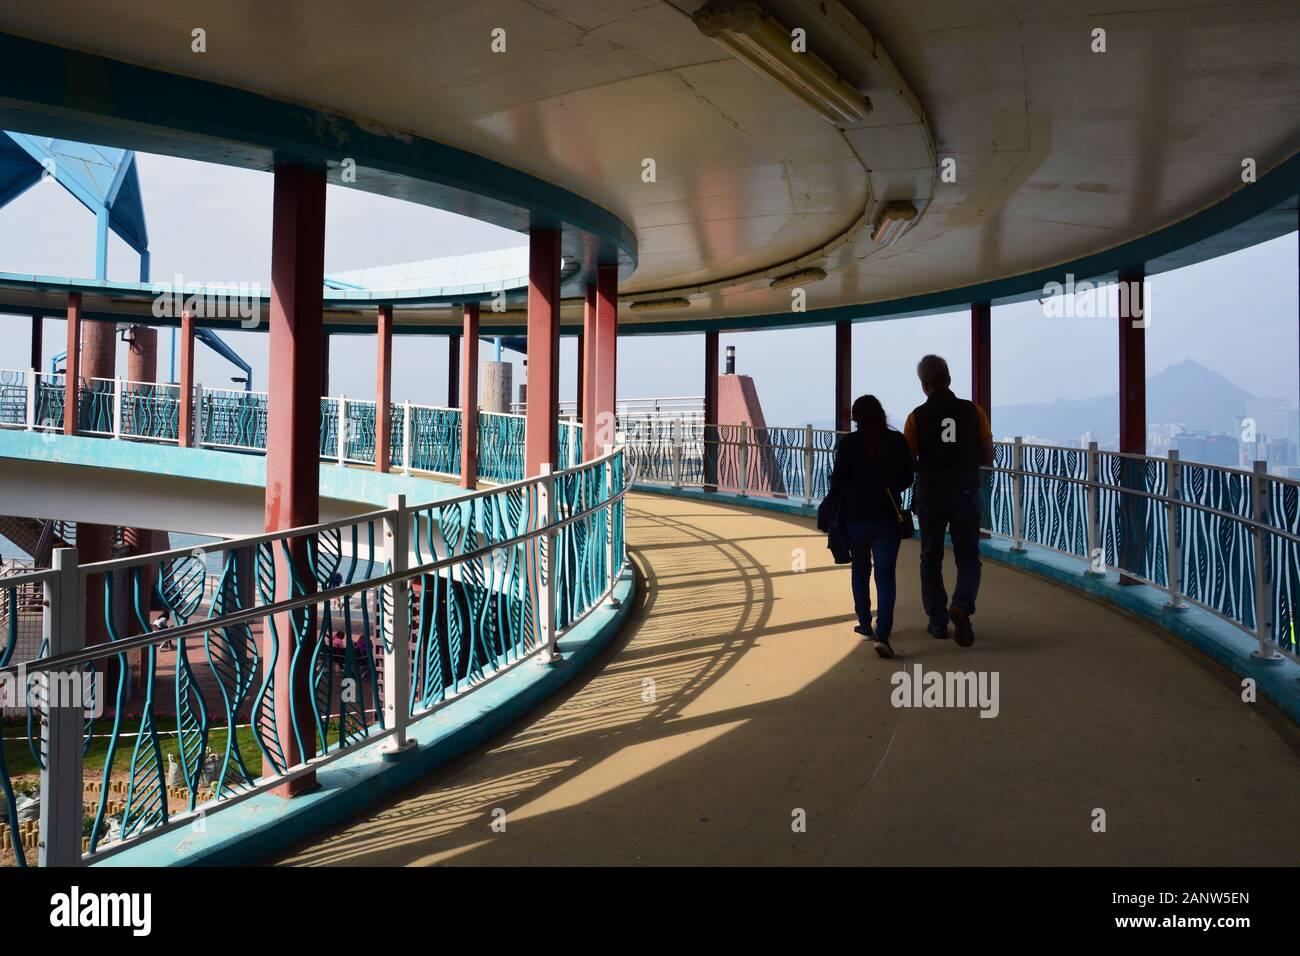 Le passage piéton au parc Quarry Bay, le long du port Victoria à Hong Kong. Banque D'Images